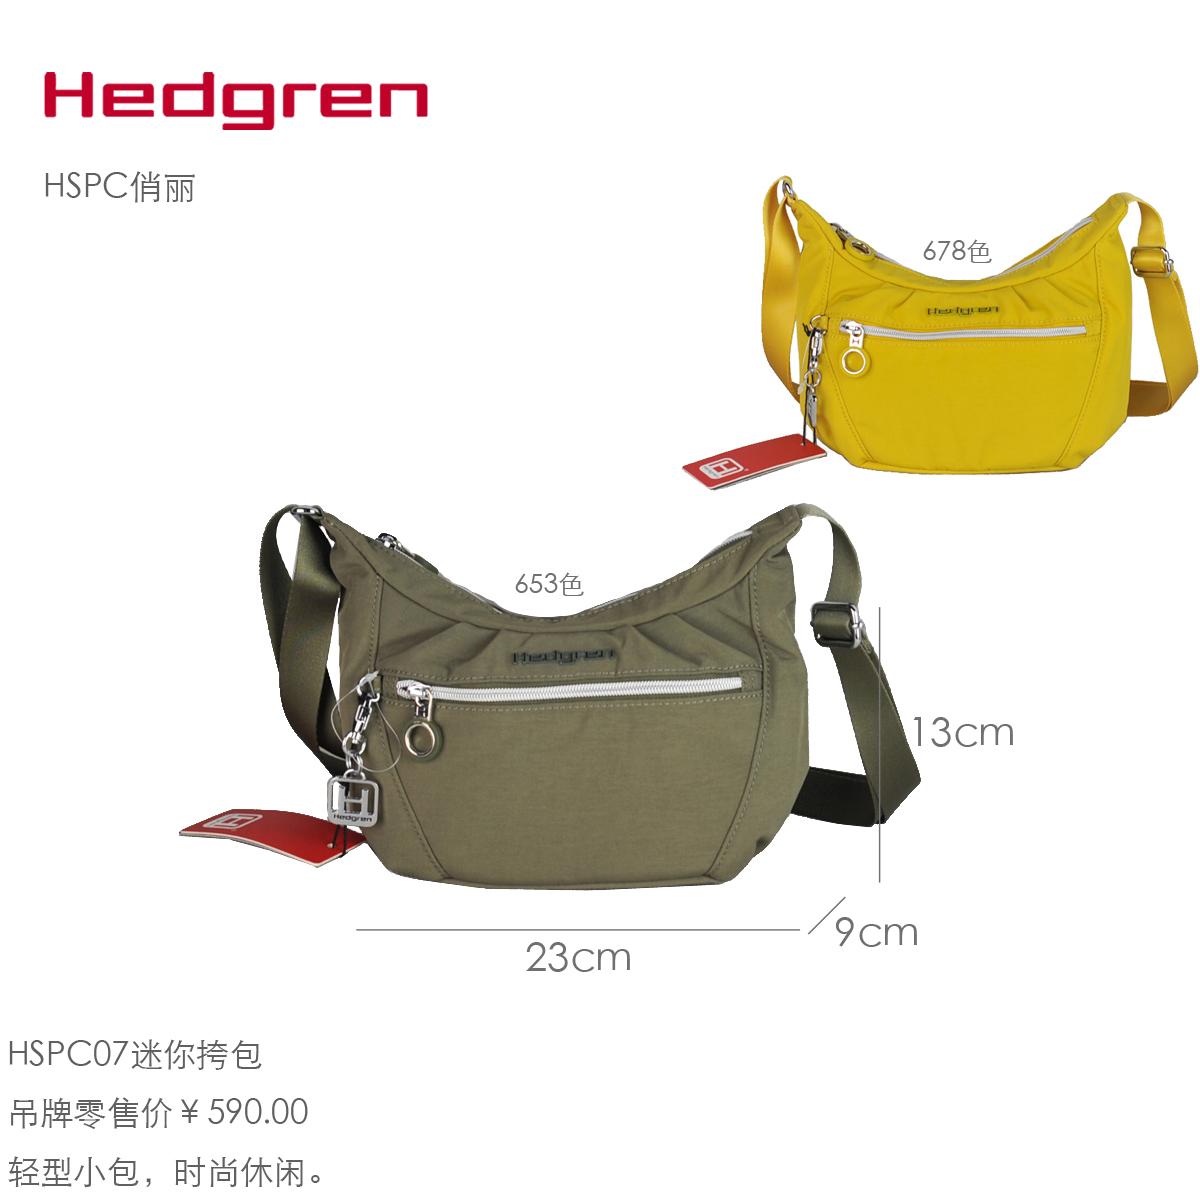 国内代购▲Hedgren海格林 HSPC07甜美小包单肩斜挎包24*14cm